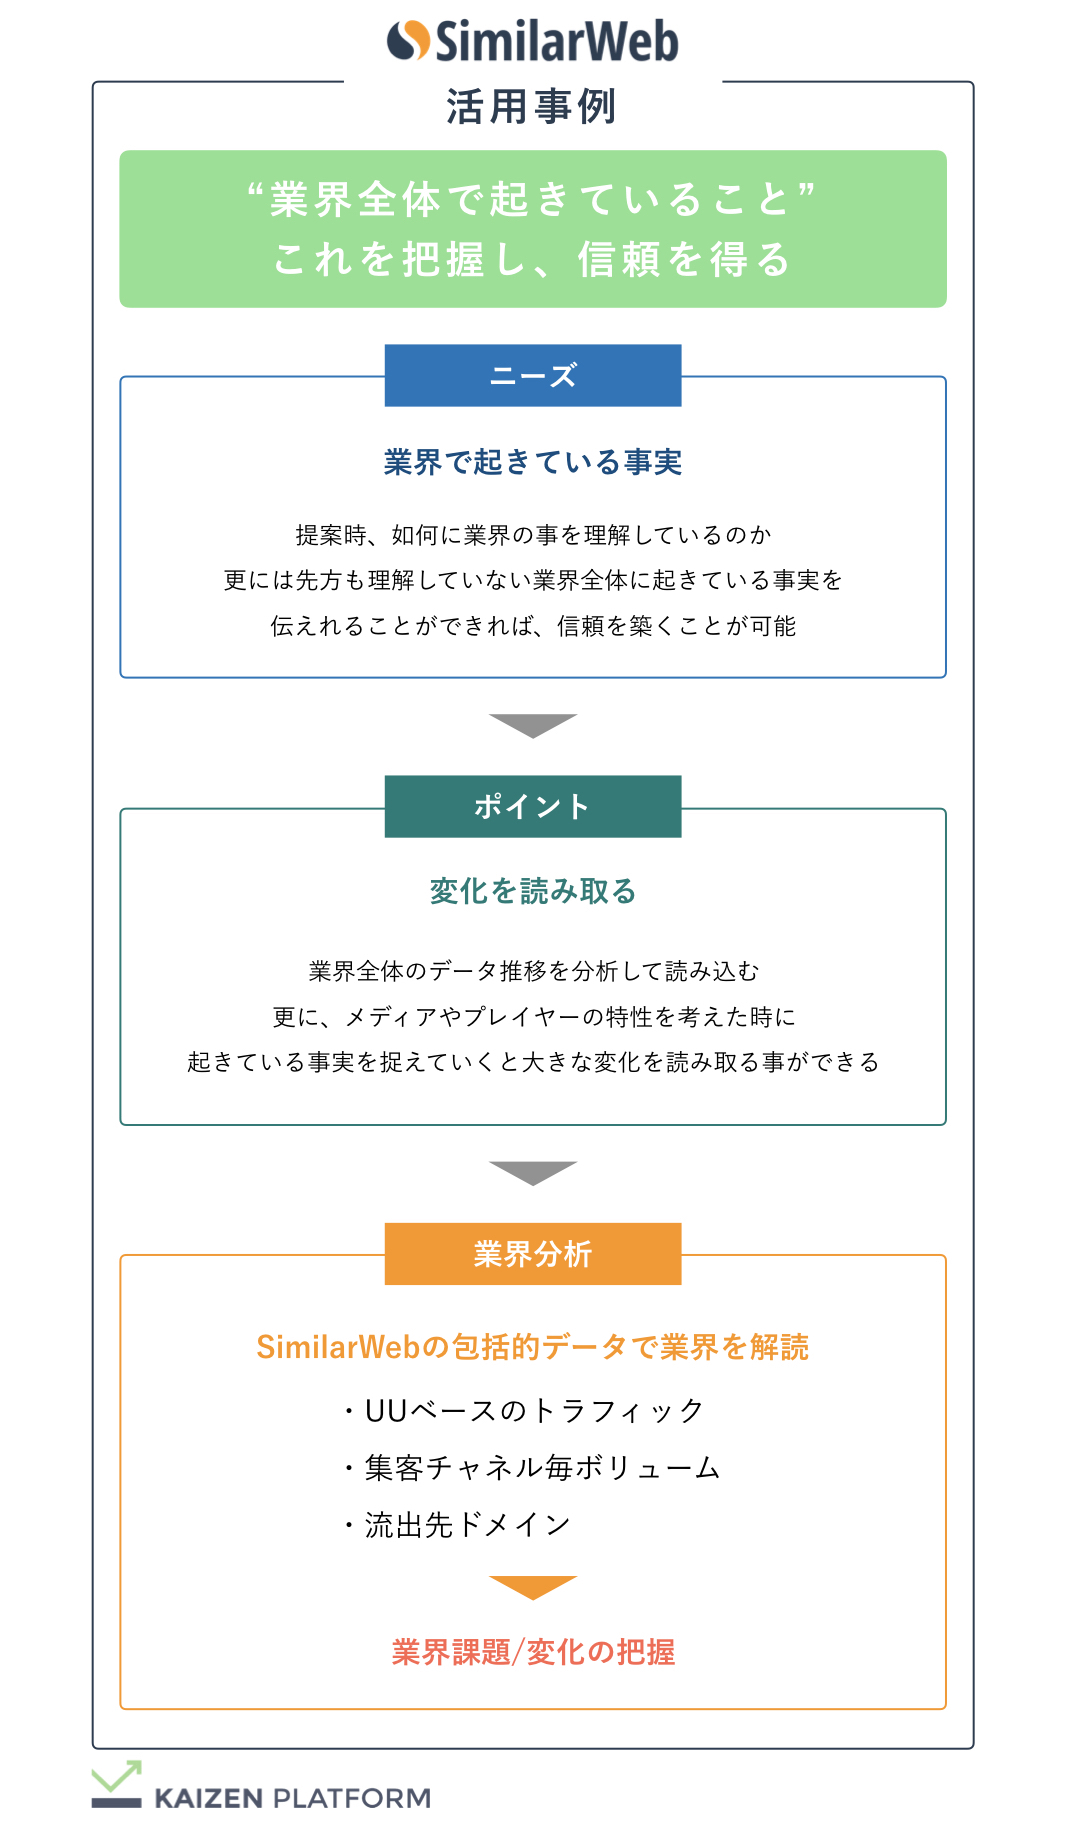 Kaizen Platform セールスSimilarWeb活用事例